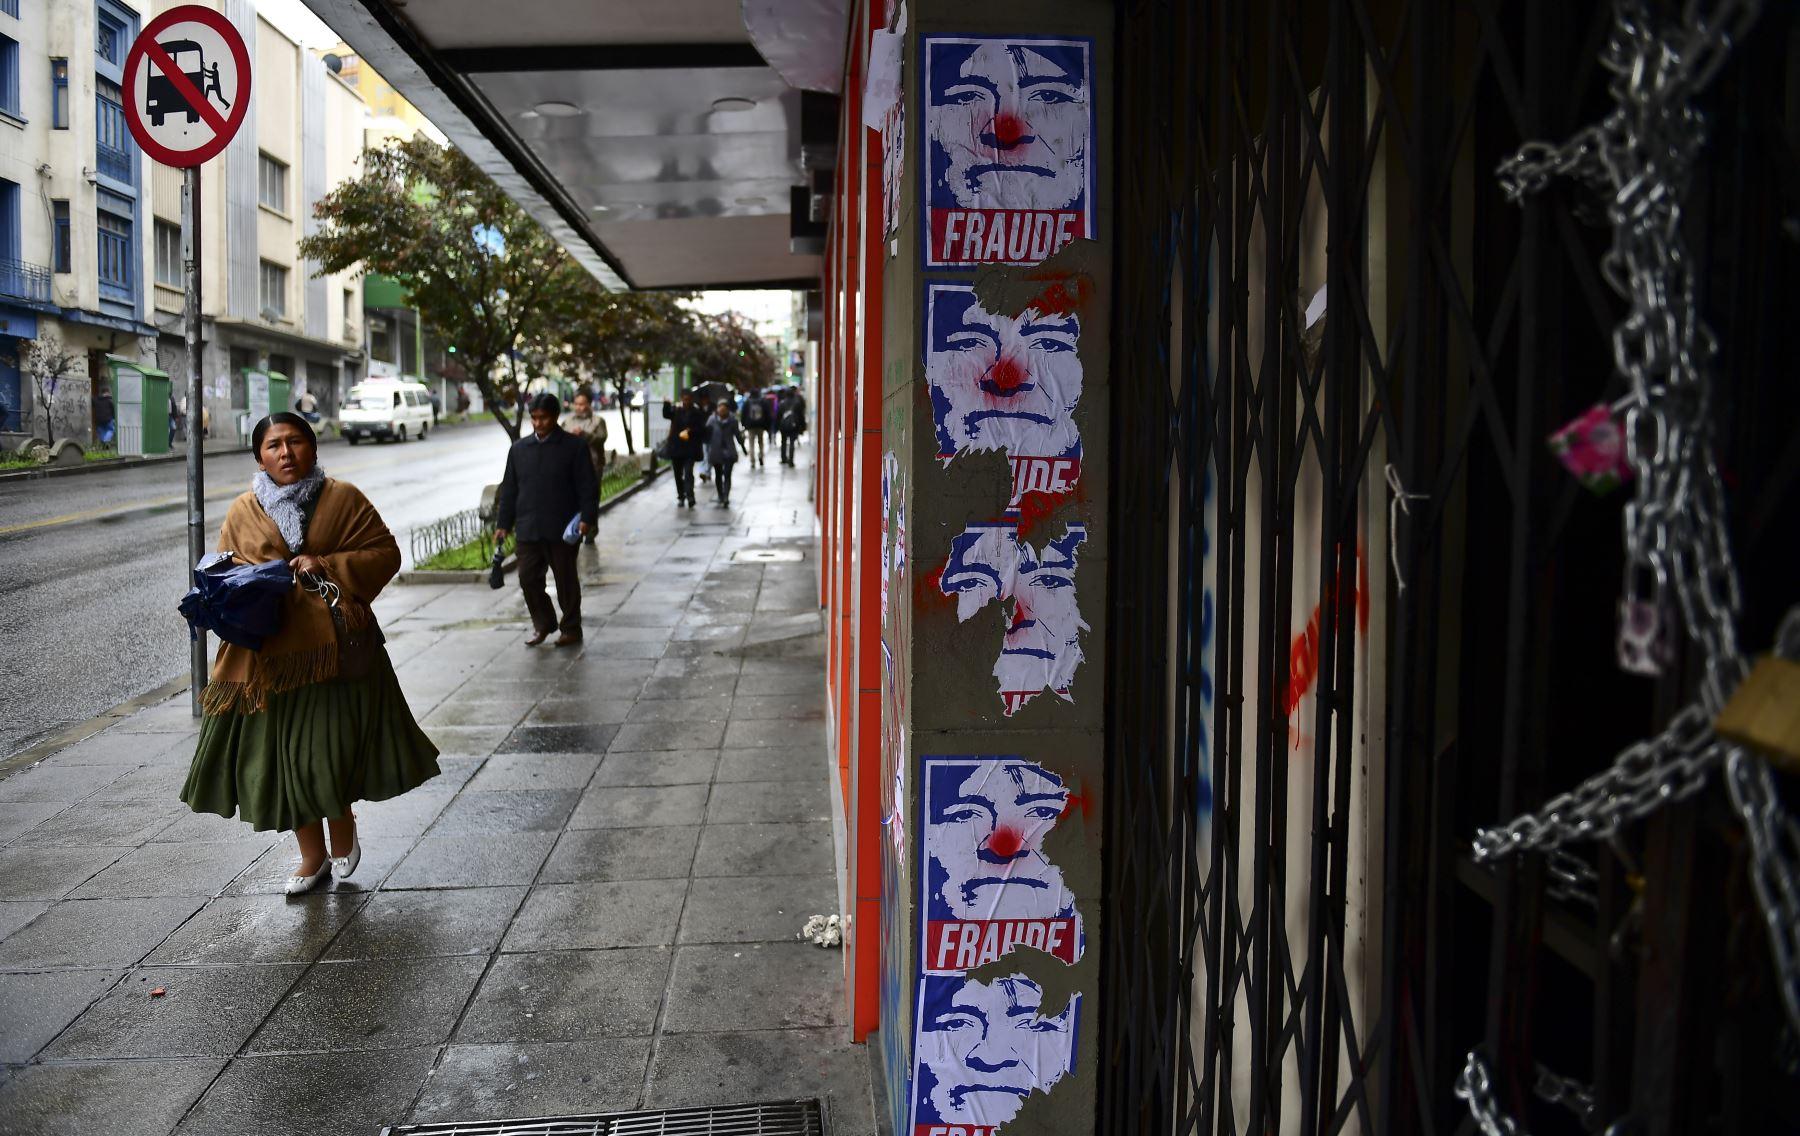 Una mujer camina junto a la pared con carteles del ex presidente boliviano Evo Morales representado como un payaso en La Paz. Foto: AFP